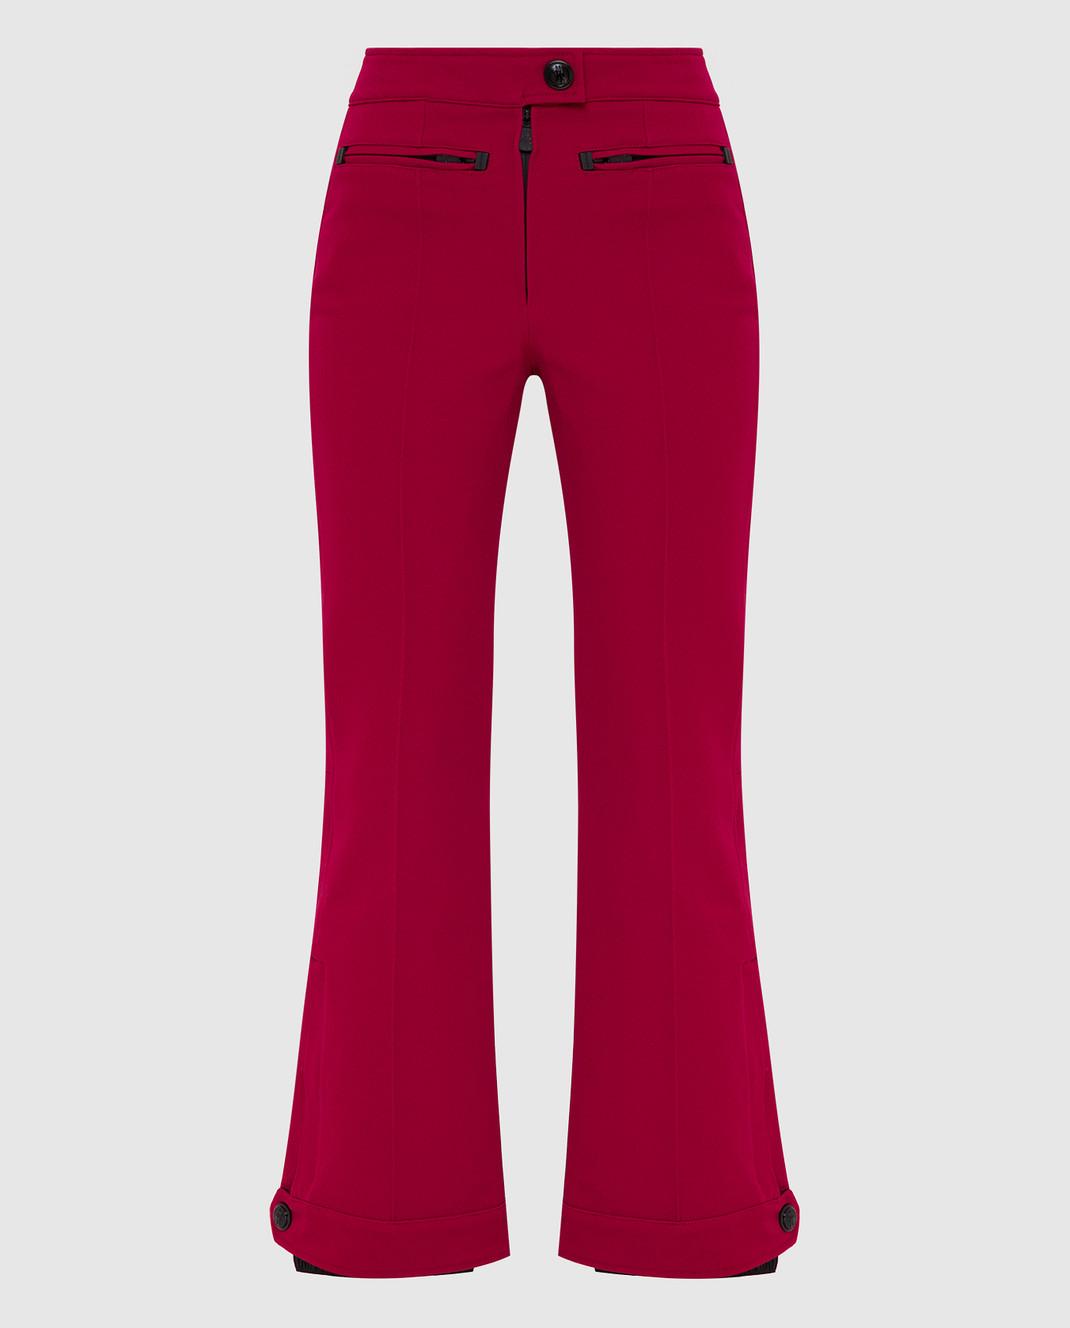 Moncler Grenoble Малиновые лыжные брюки изображение 1